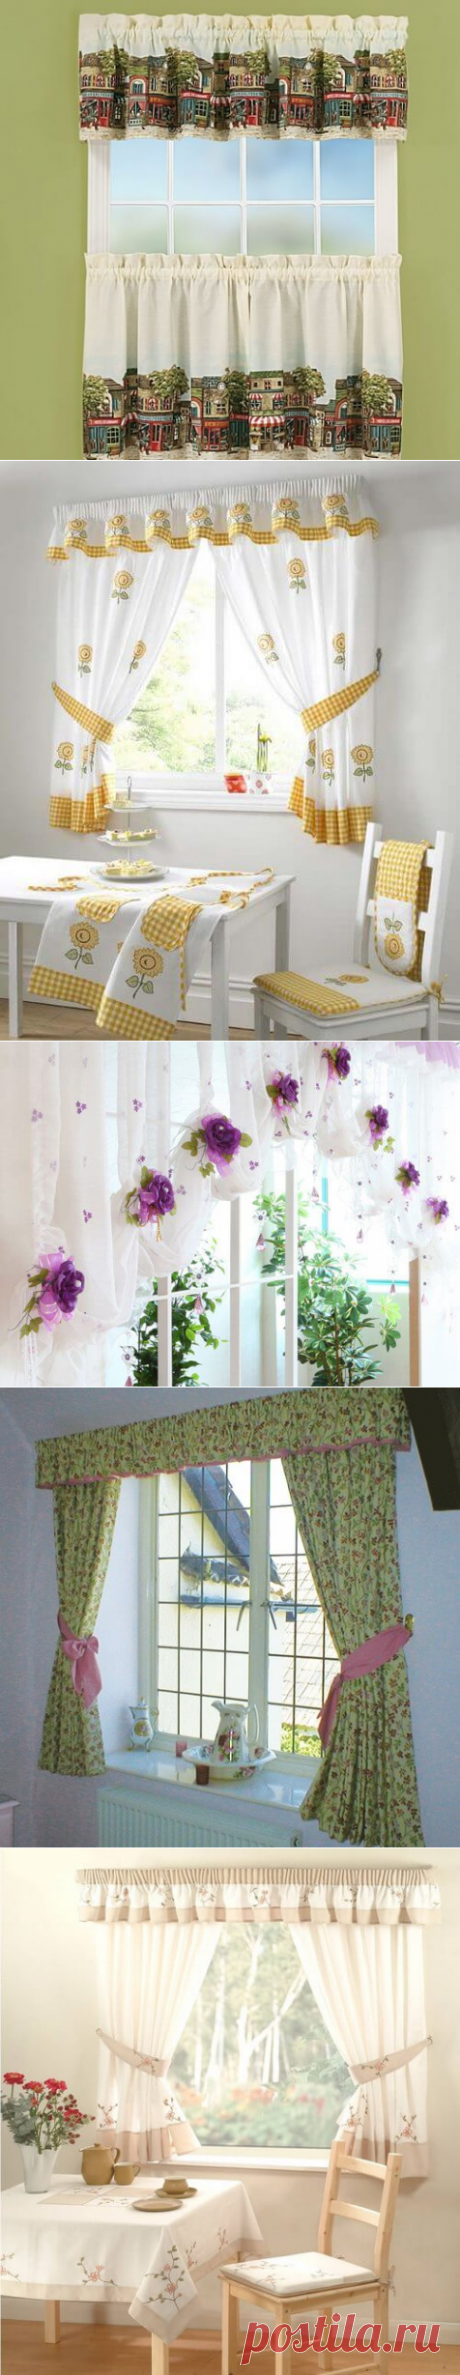 Фантастической красоты шторы на кухню | Тысяча и одна идея